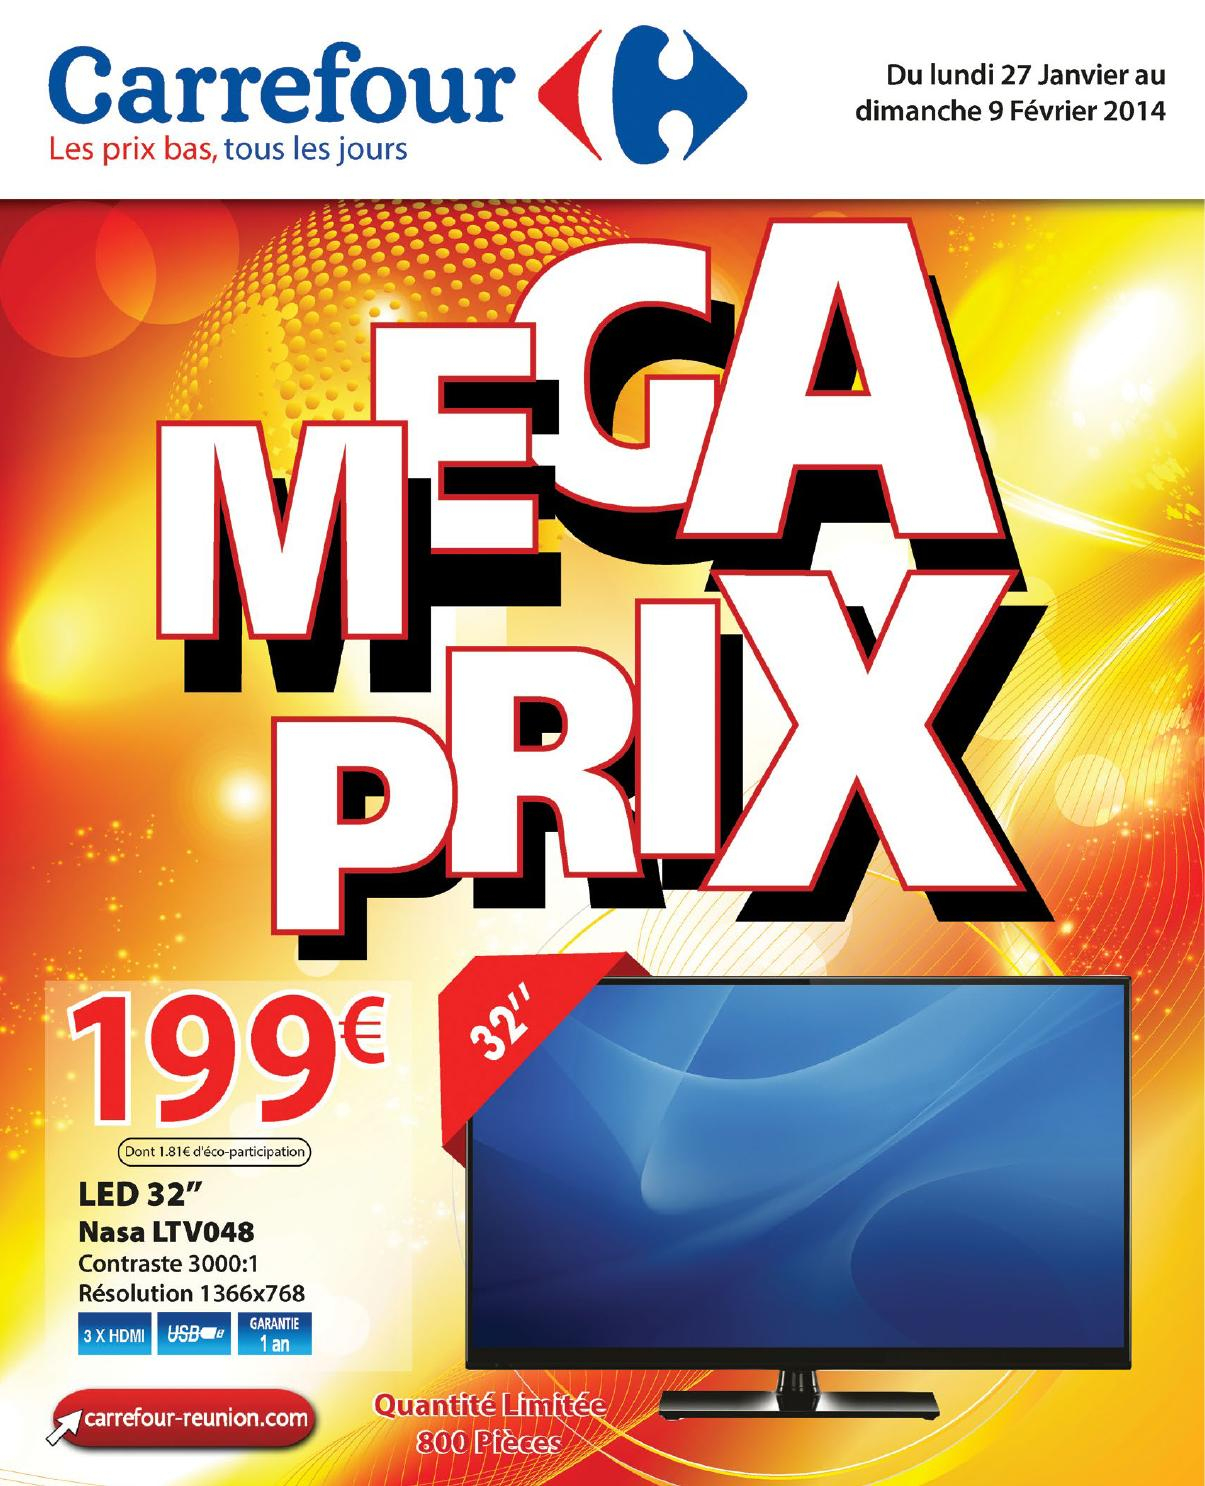 Megaprix Carrefour Réunion By Carrefour - Issuu concernant Carrefour Piscine Hors Sol